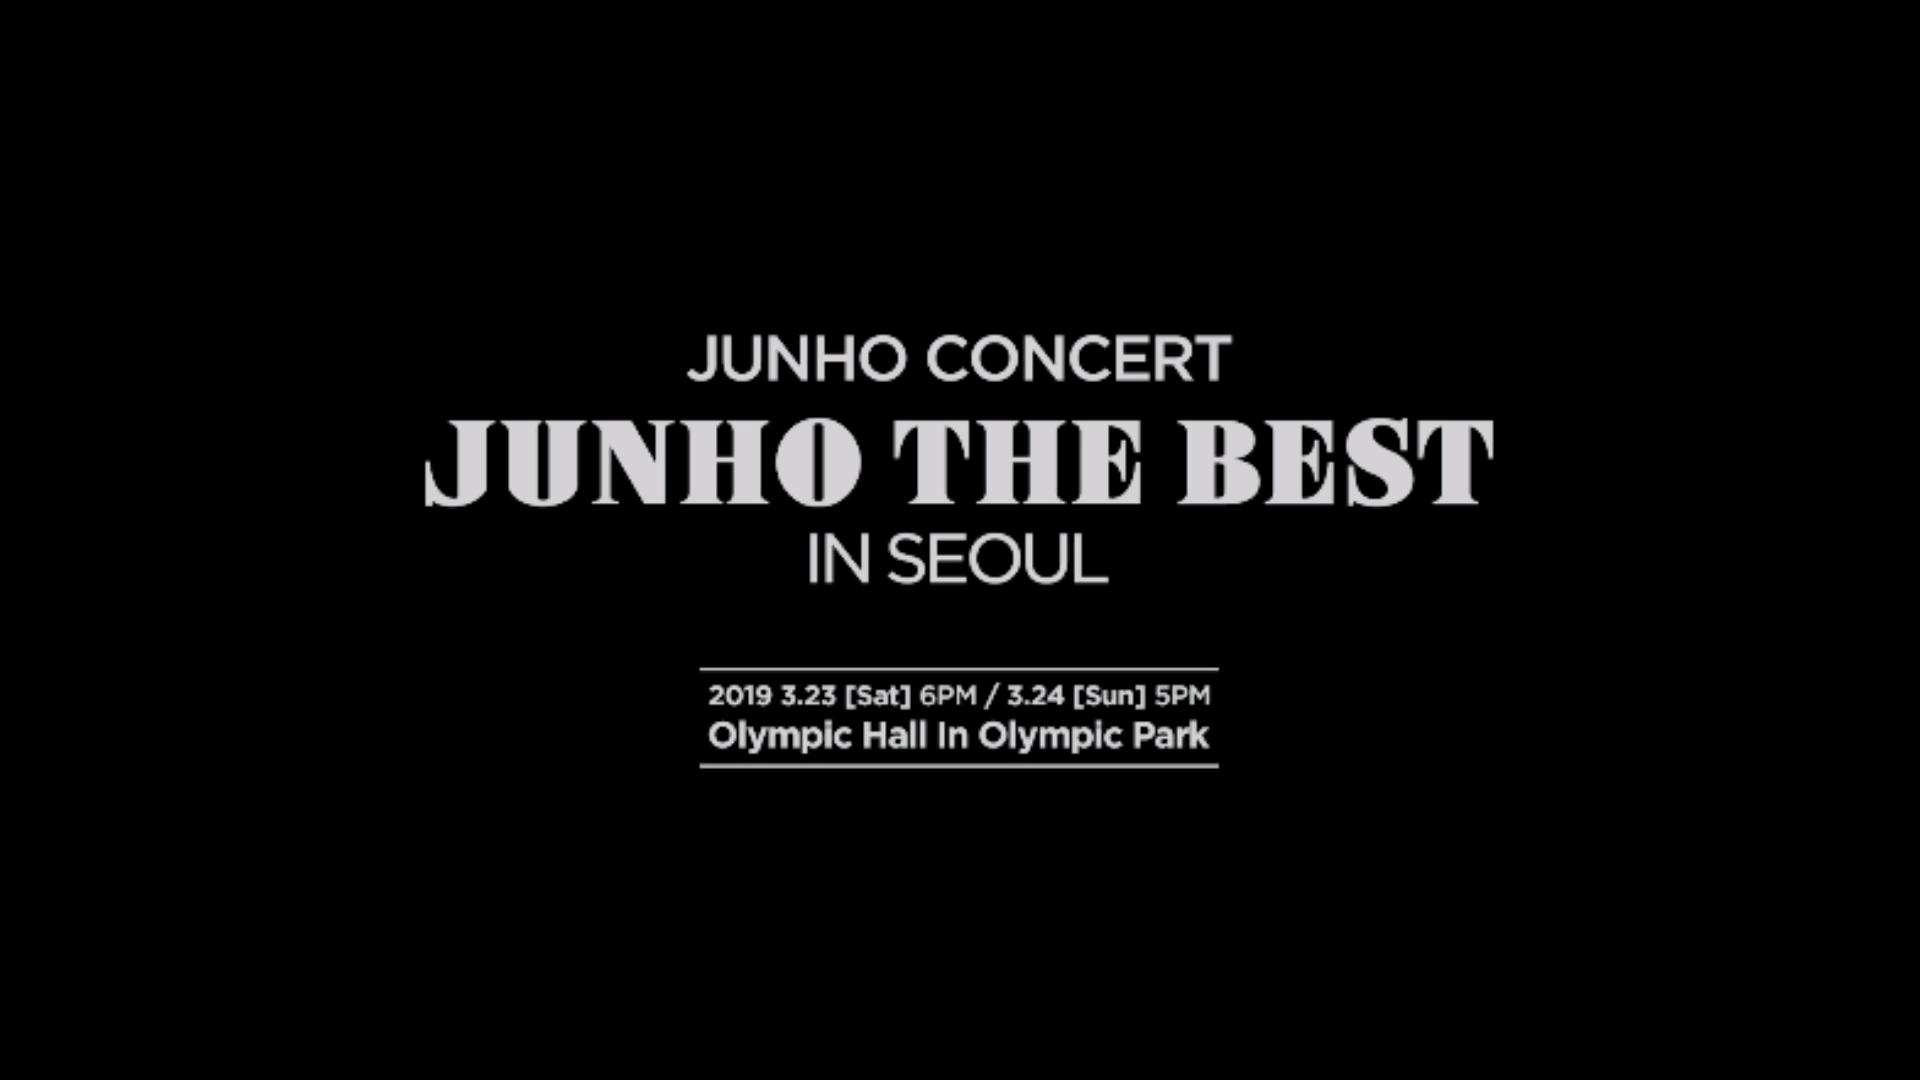 """2PM JUNHO Concert """"JUNHO THE BEST IN SEOUL"""" Teaser Video"""